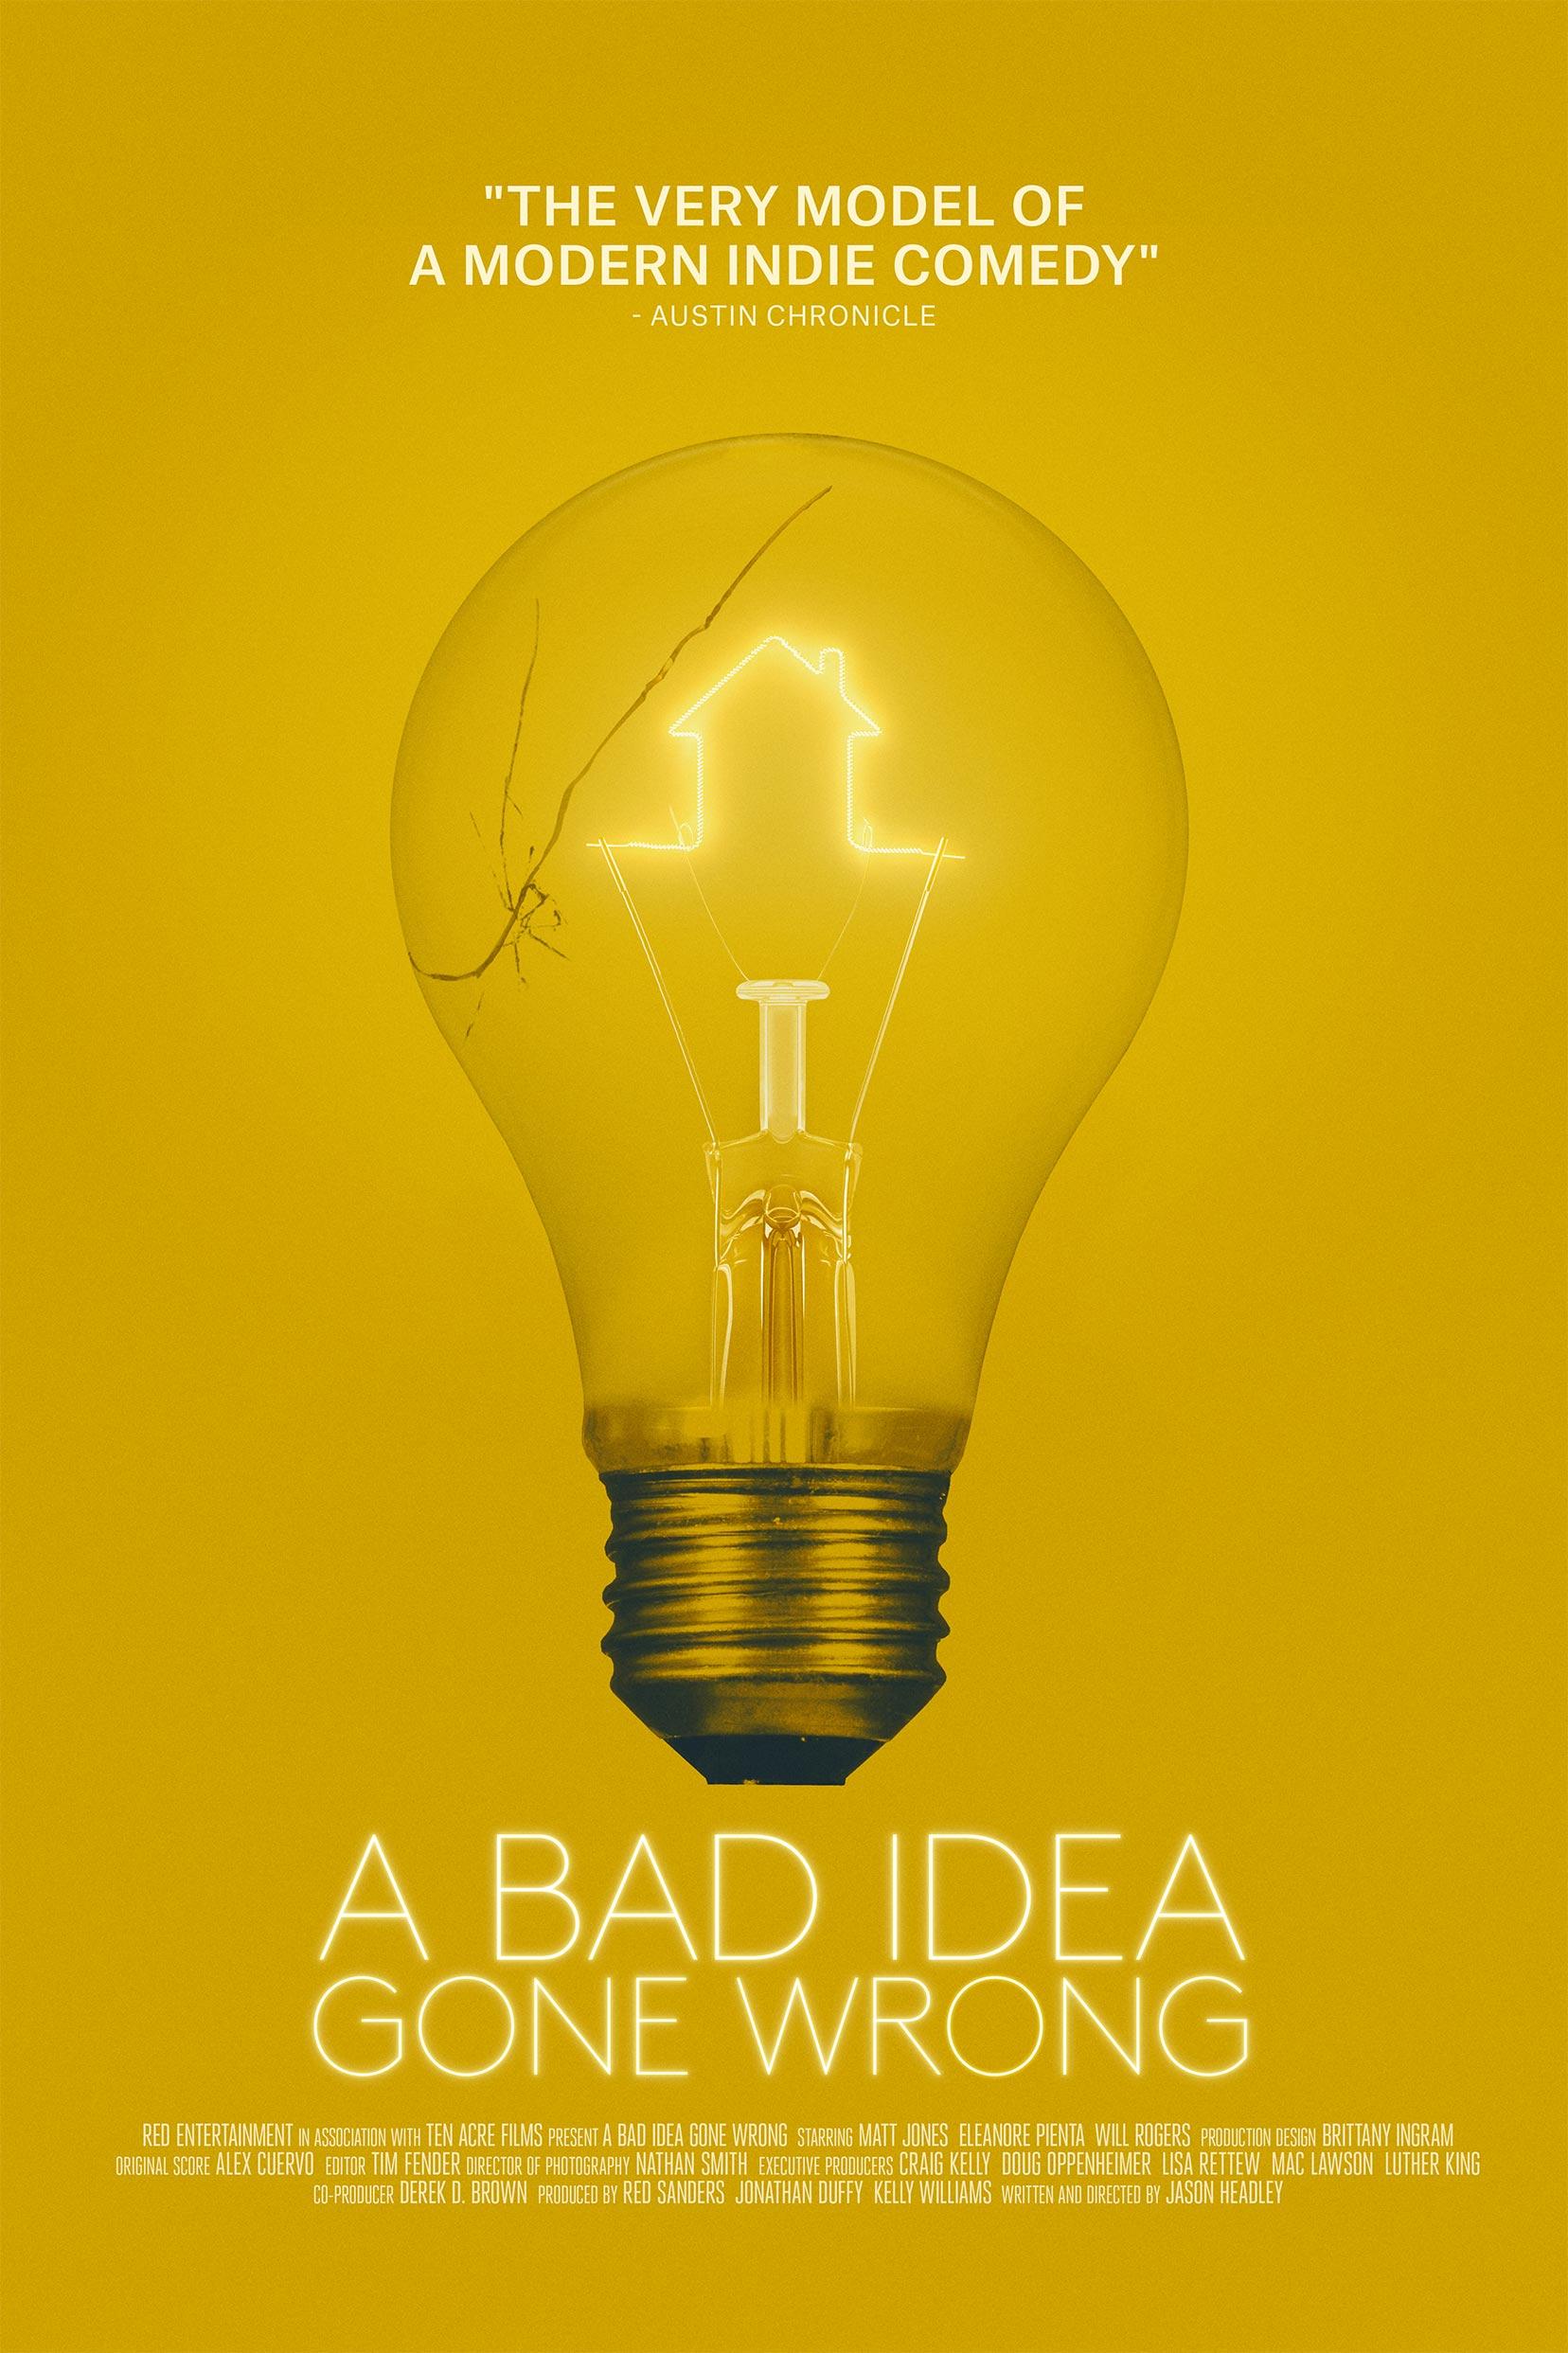 bad-idea-wrong-poster.jpg